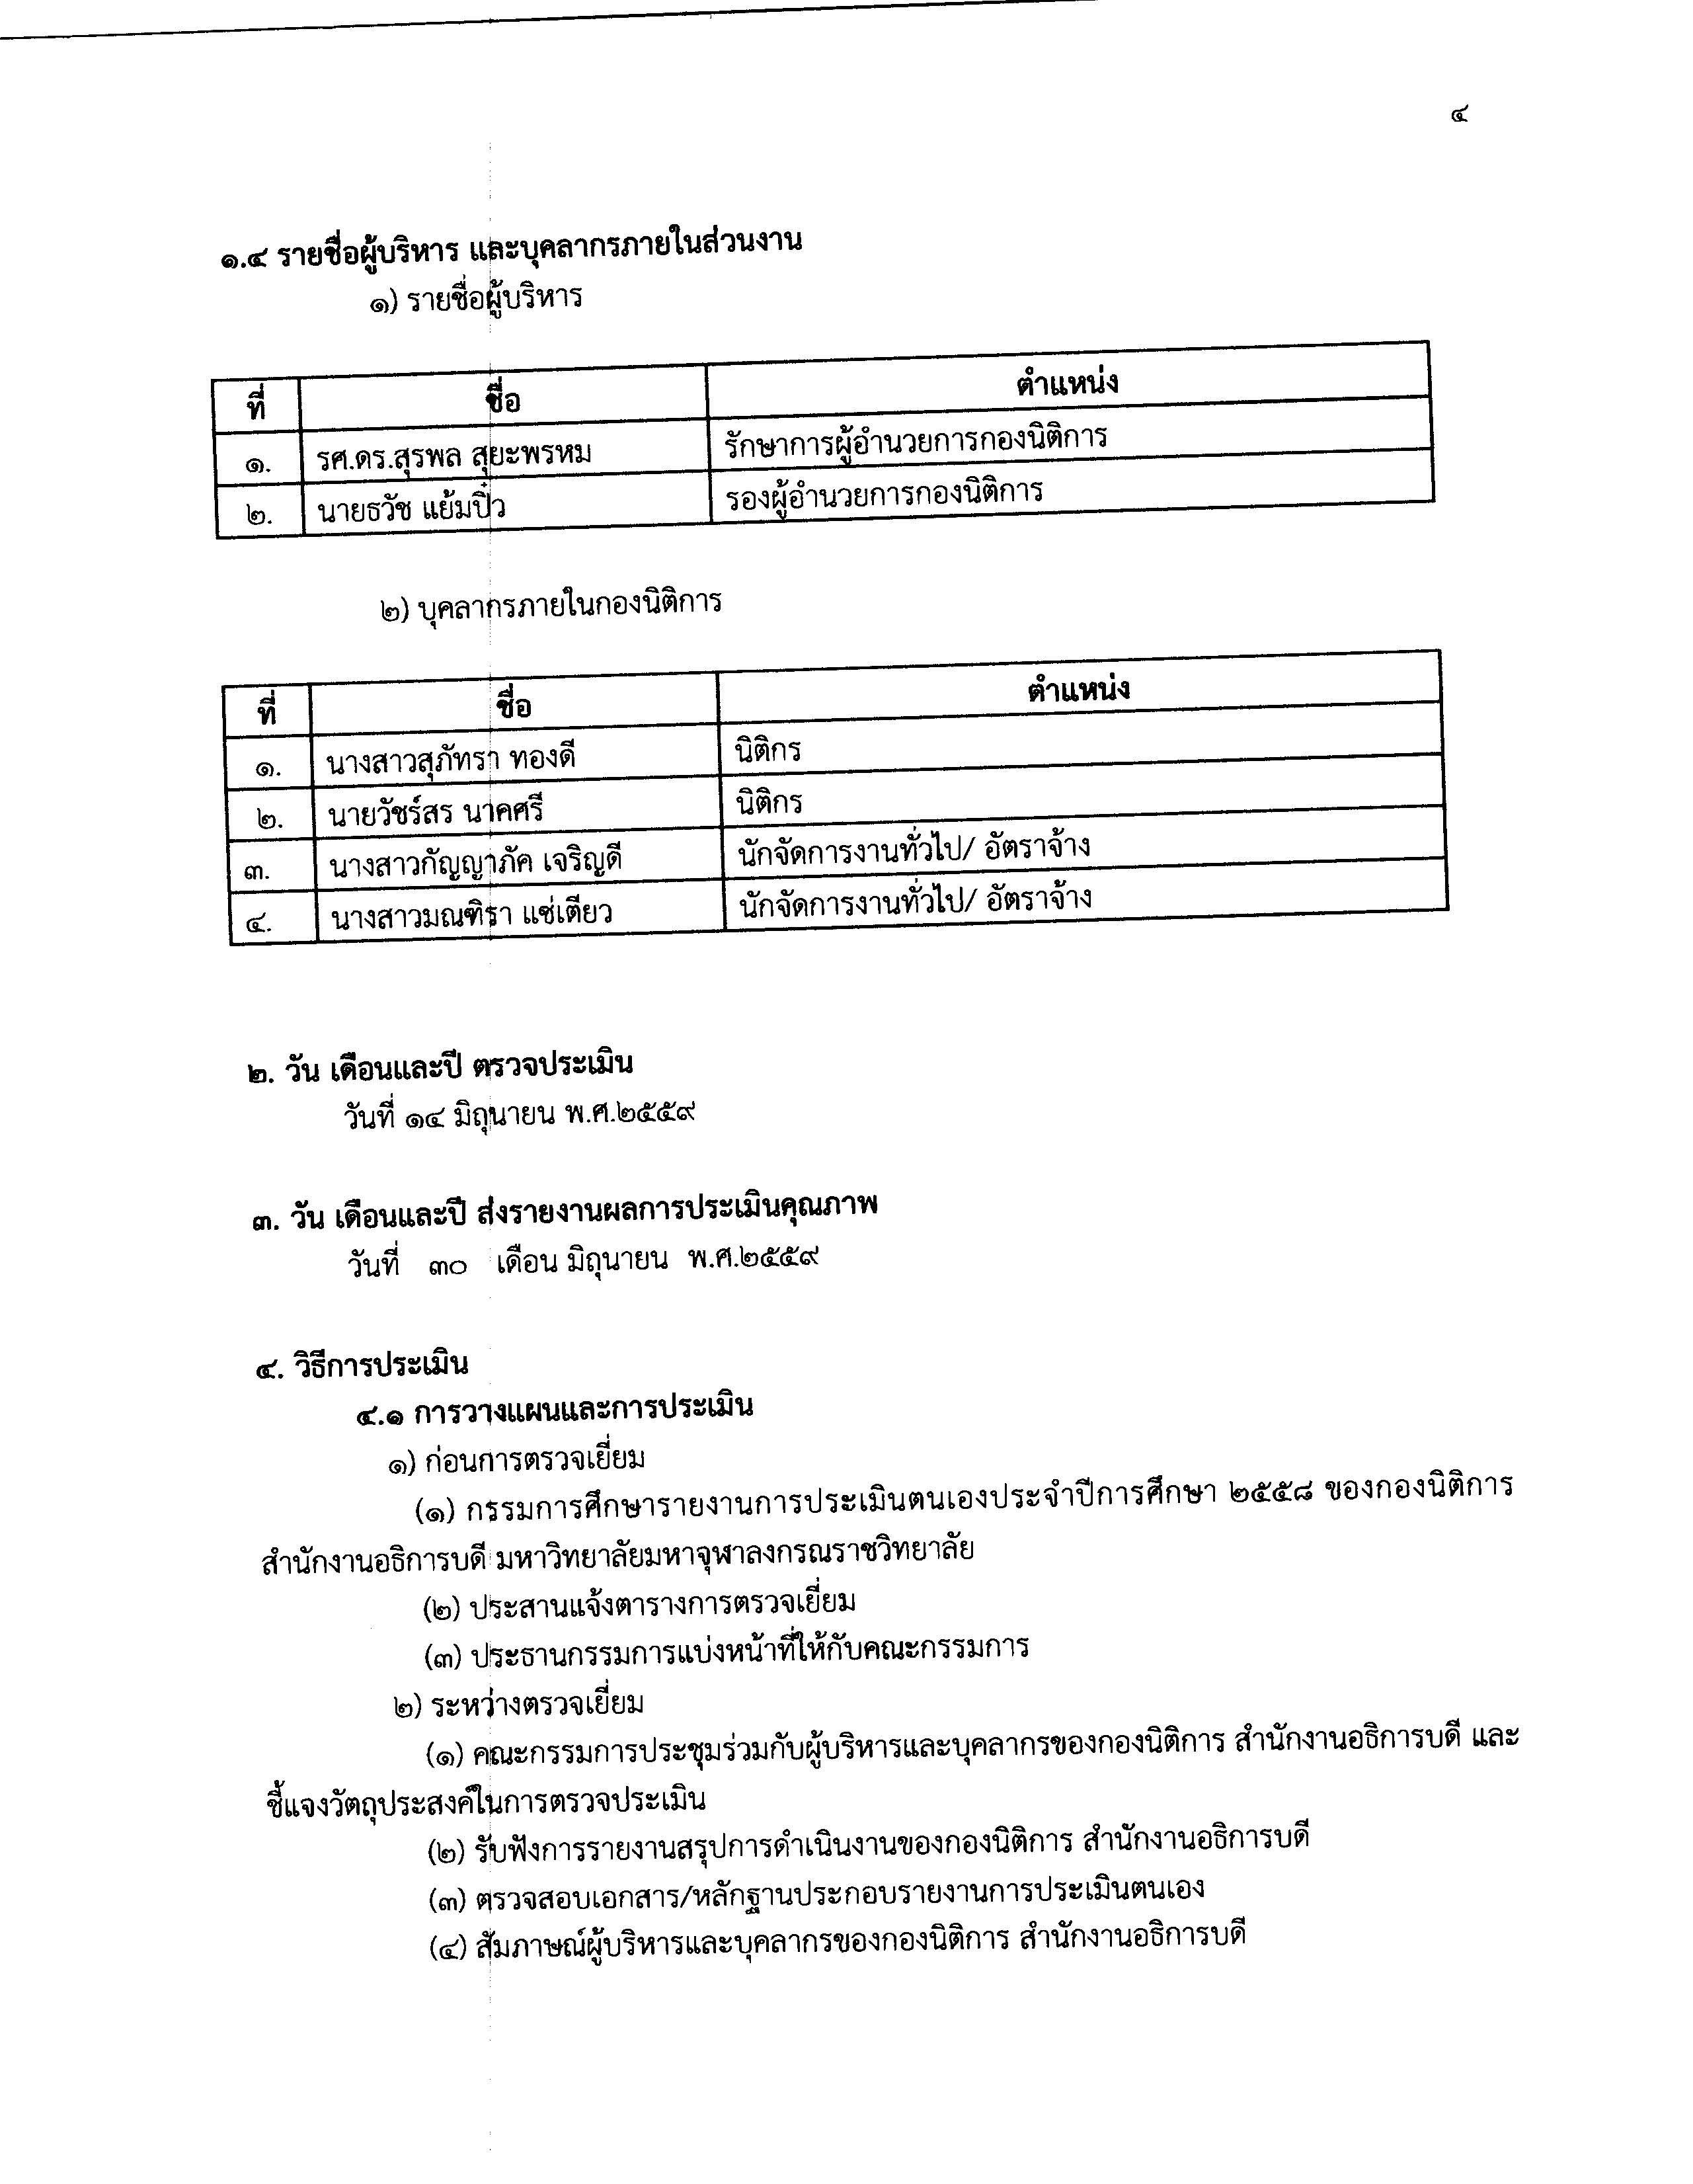 รายงานผลการประเมินคุณภาพภายในส่วนงานสนับสนุน_Page_07